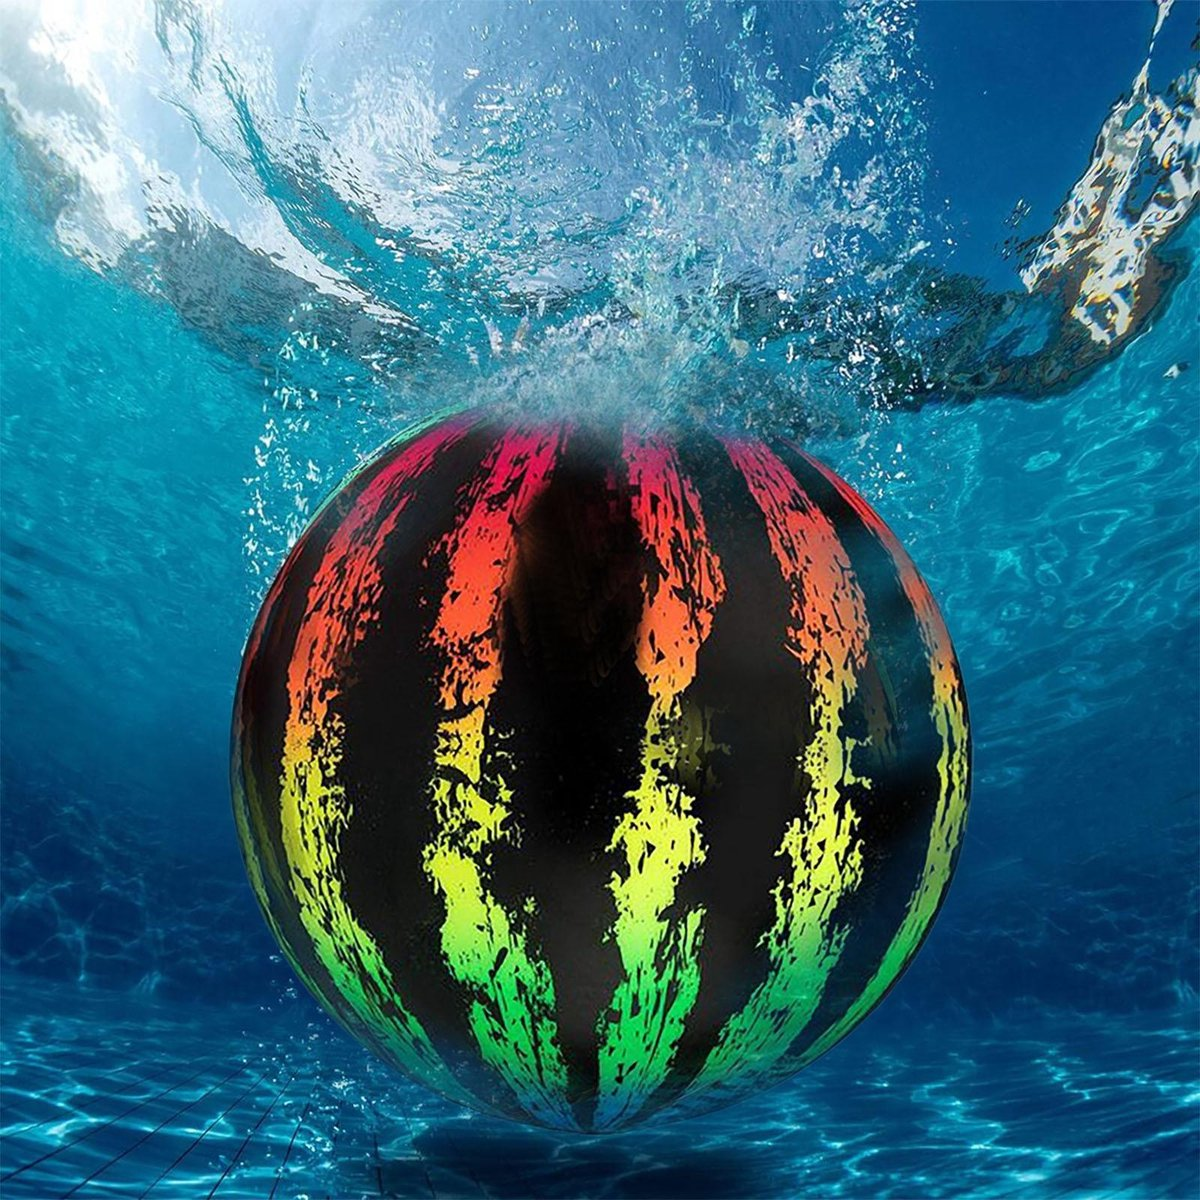 Ariko stevige onderwaterbal XXL | Onder water bal | Met water of lucht te vullen | Waterbal | Inclusief water vulstuk | 22,8 cm | regenboogkleuren | watermeloen bal